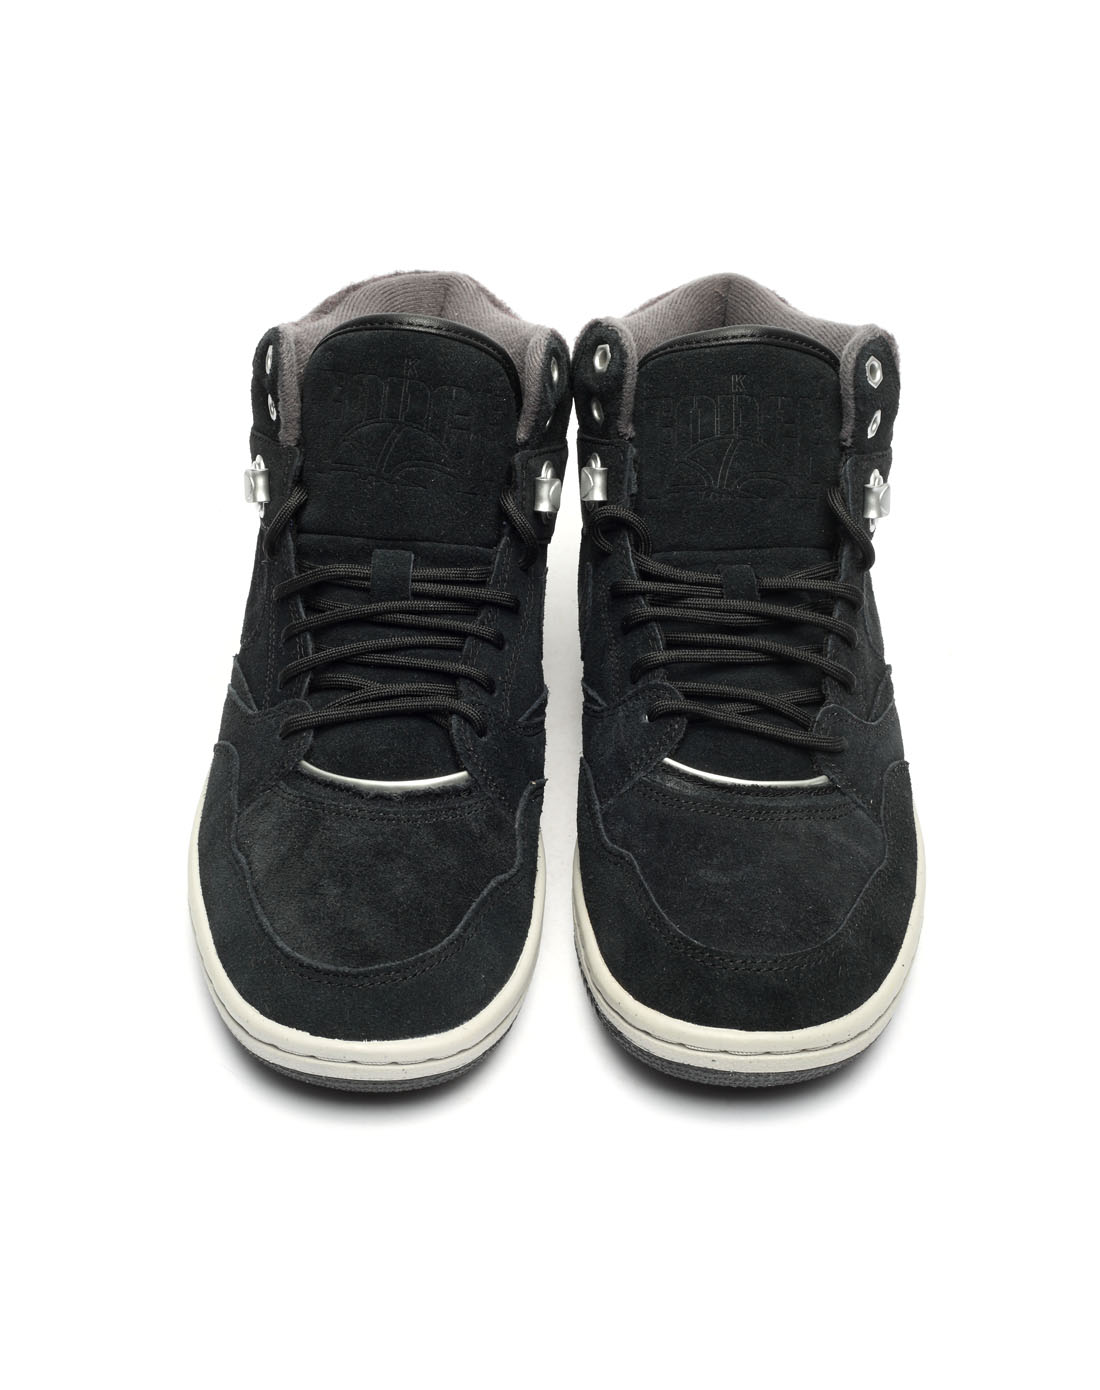 耐克nike-男子黑色复古鞋472697-001